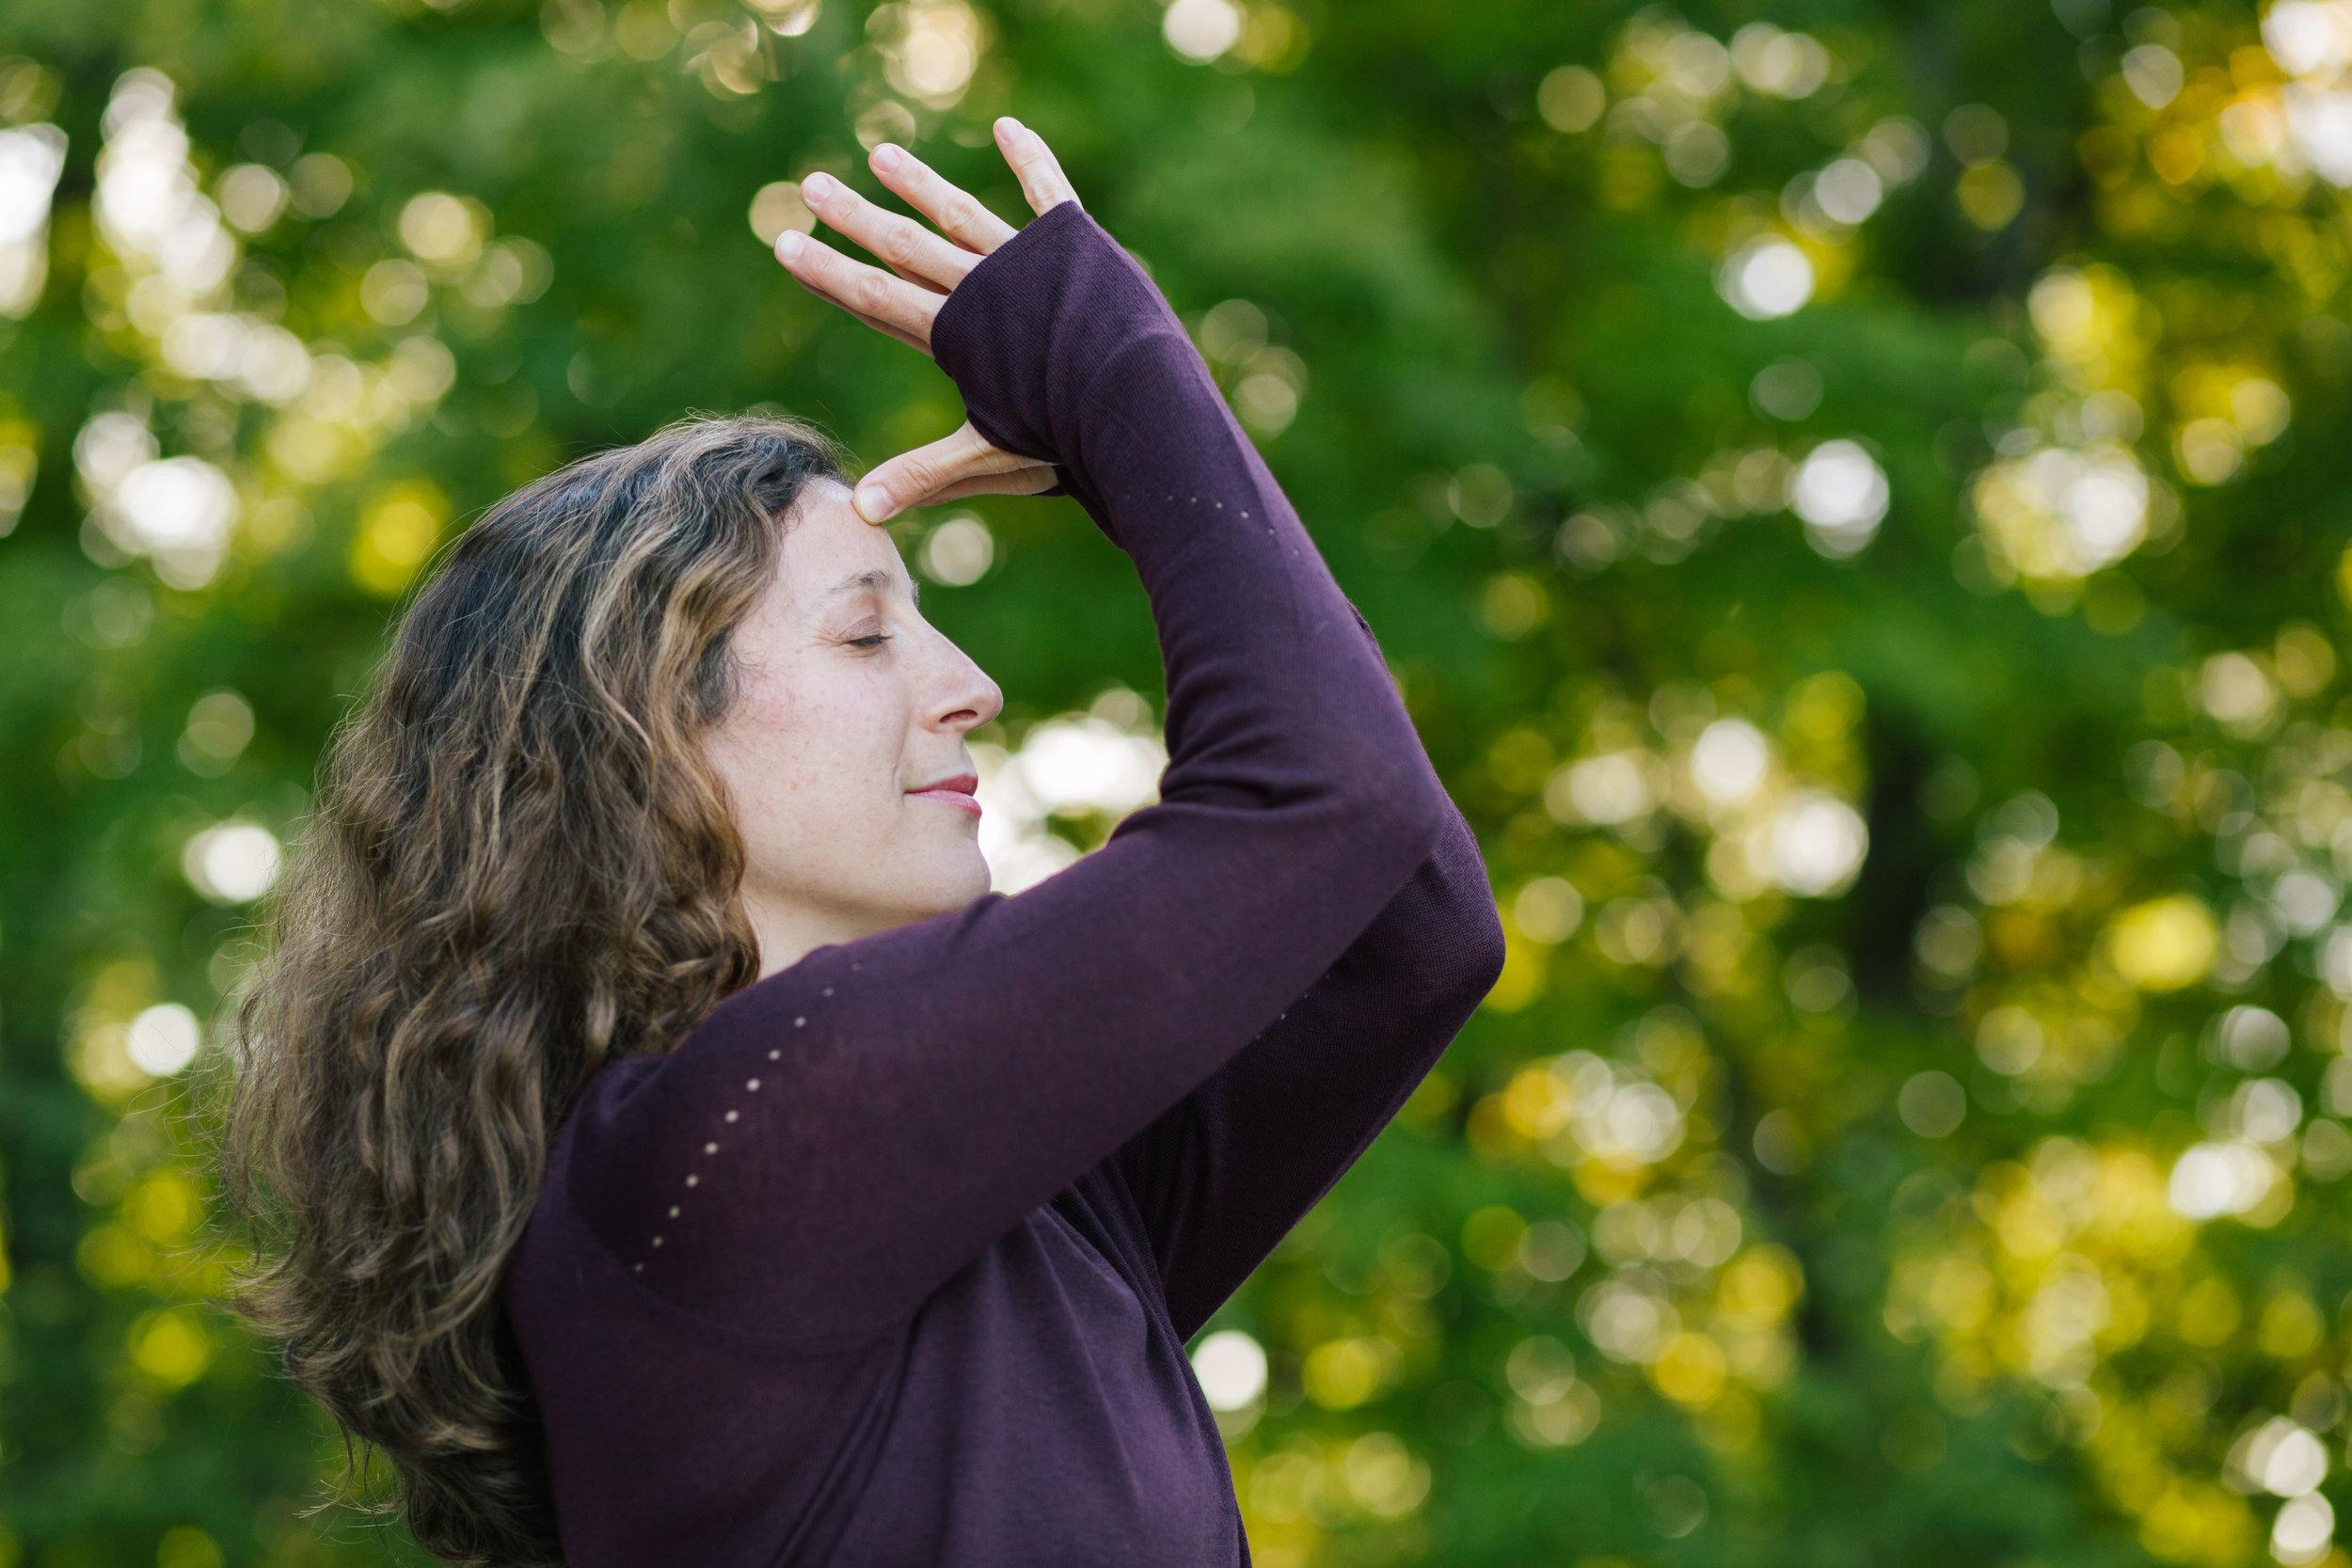 boston-yoga-photographer-3.jpg